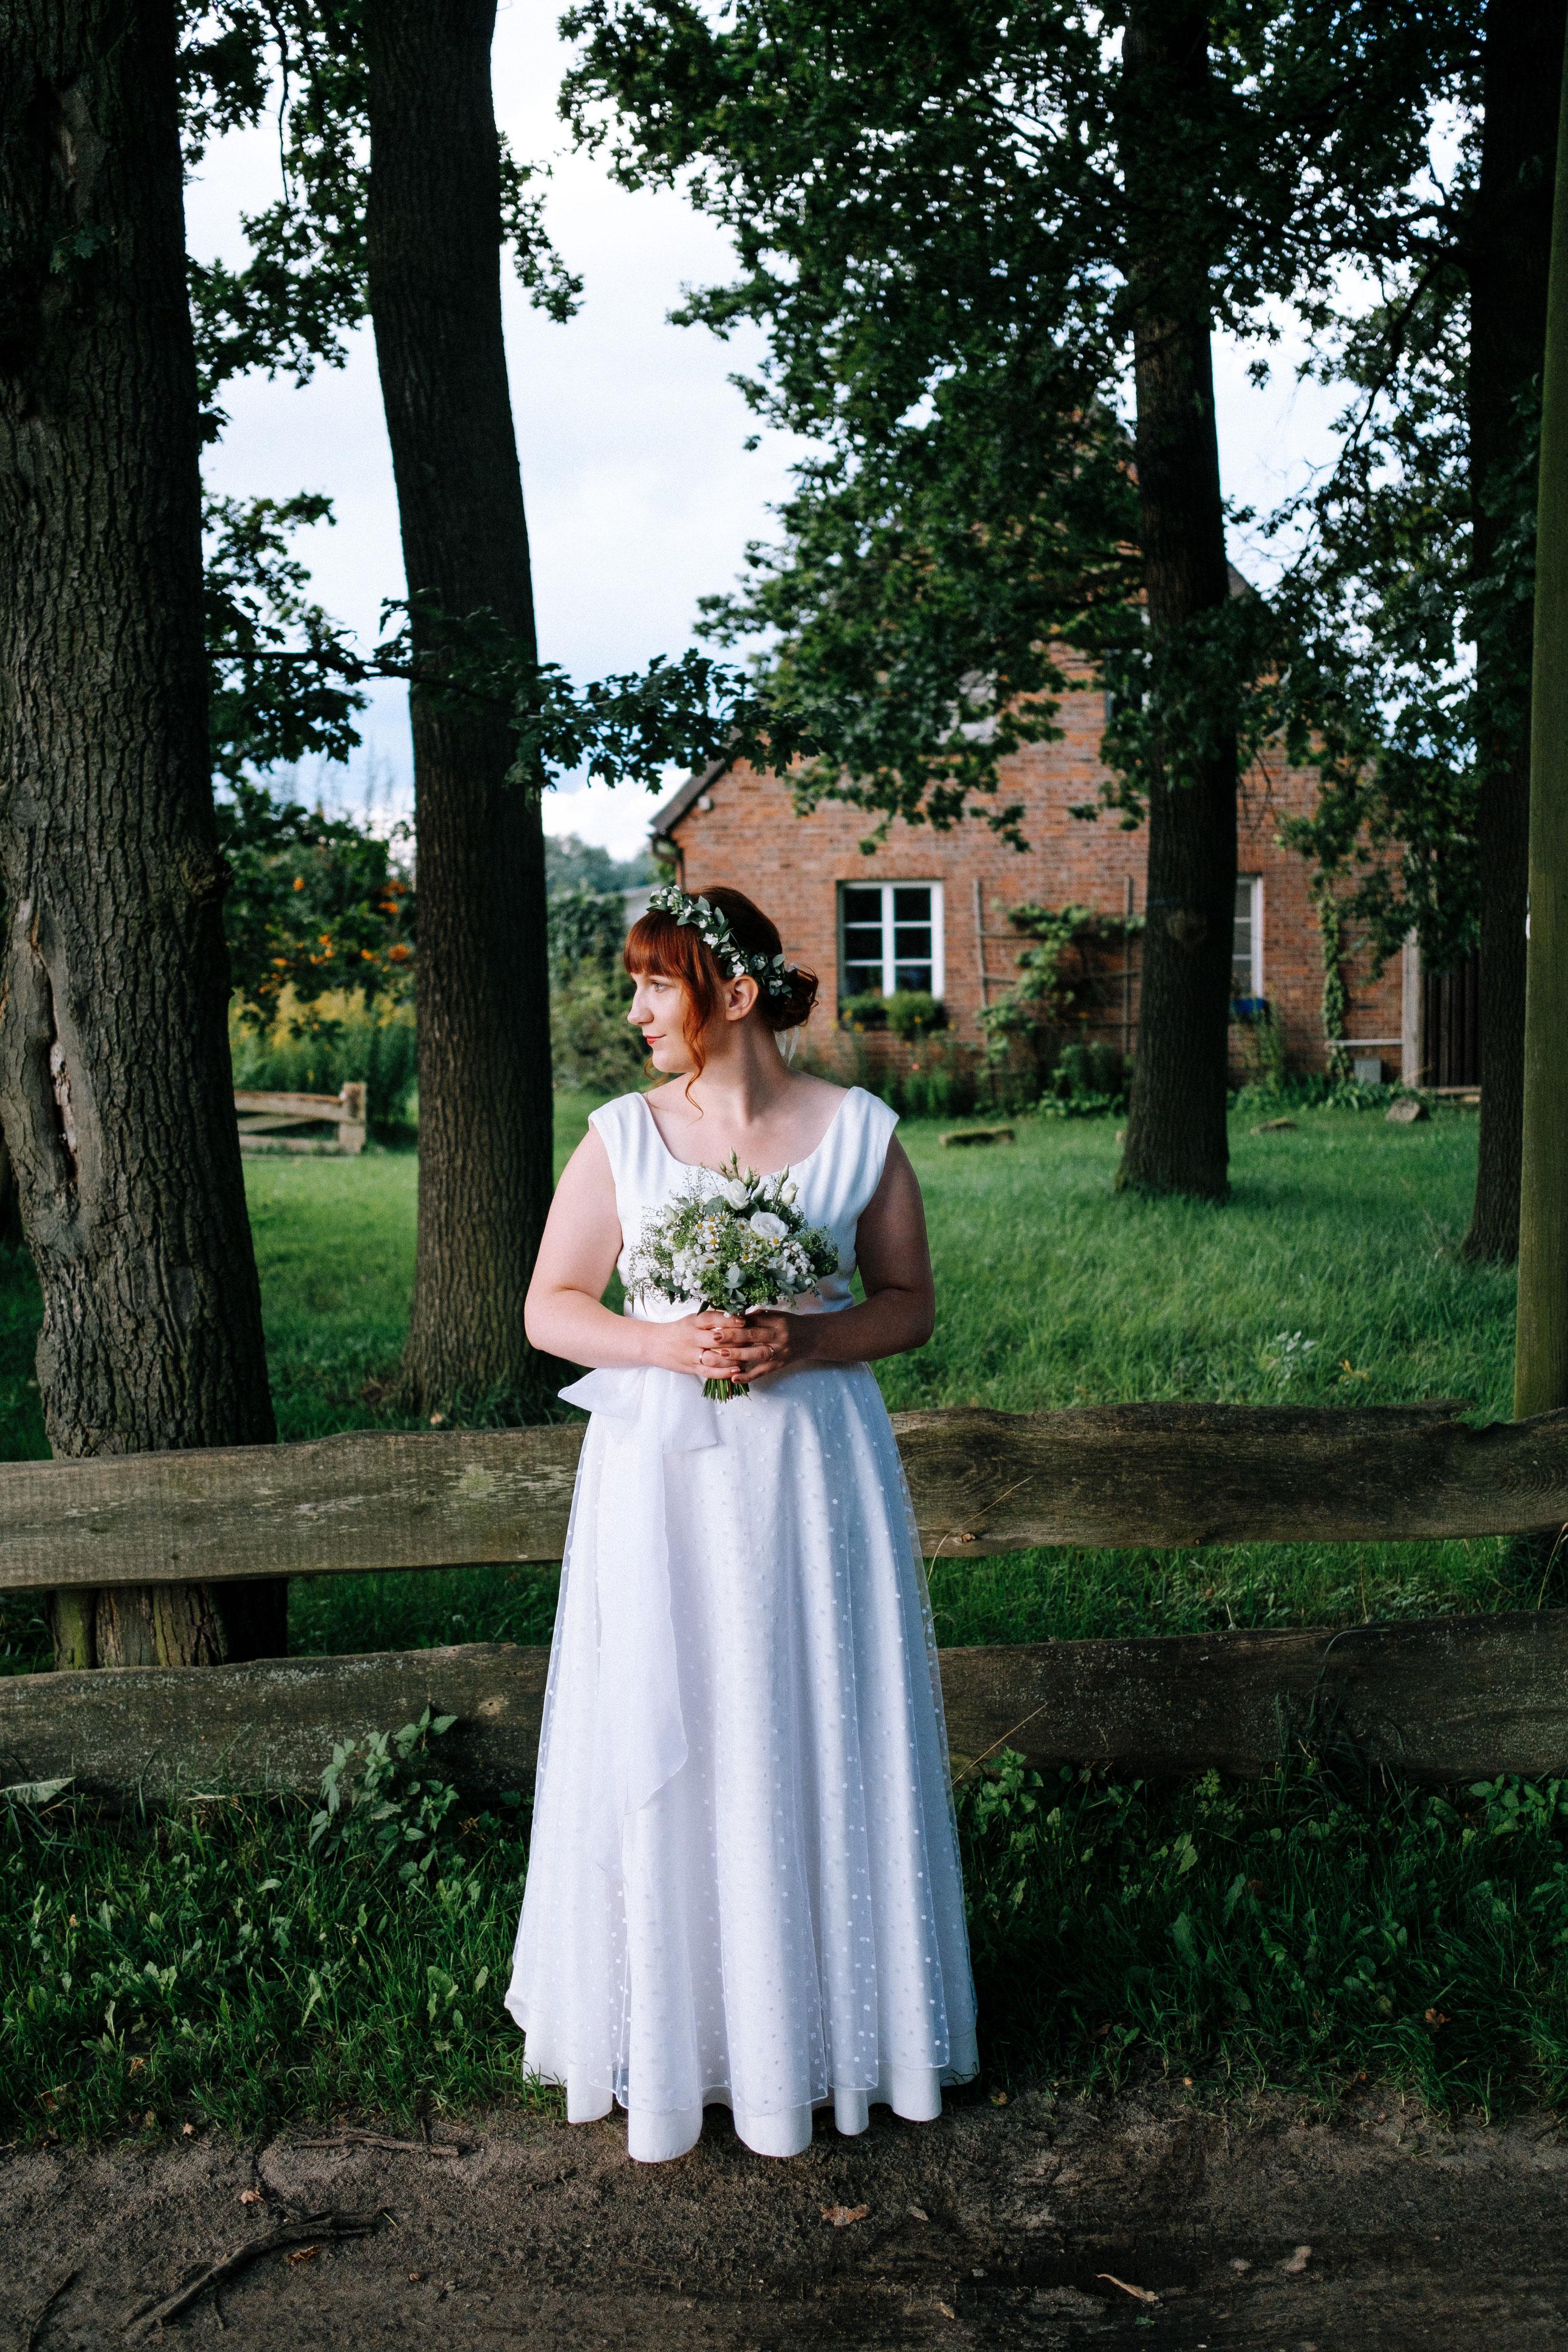 curvy bride - elementar i moderne brautkleider